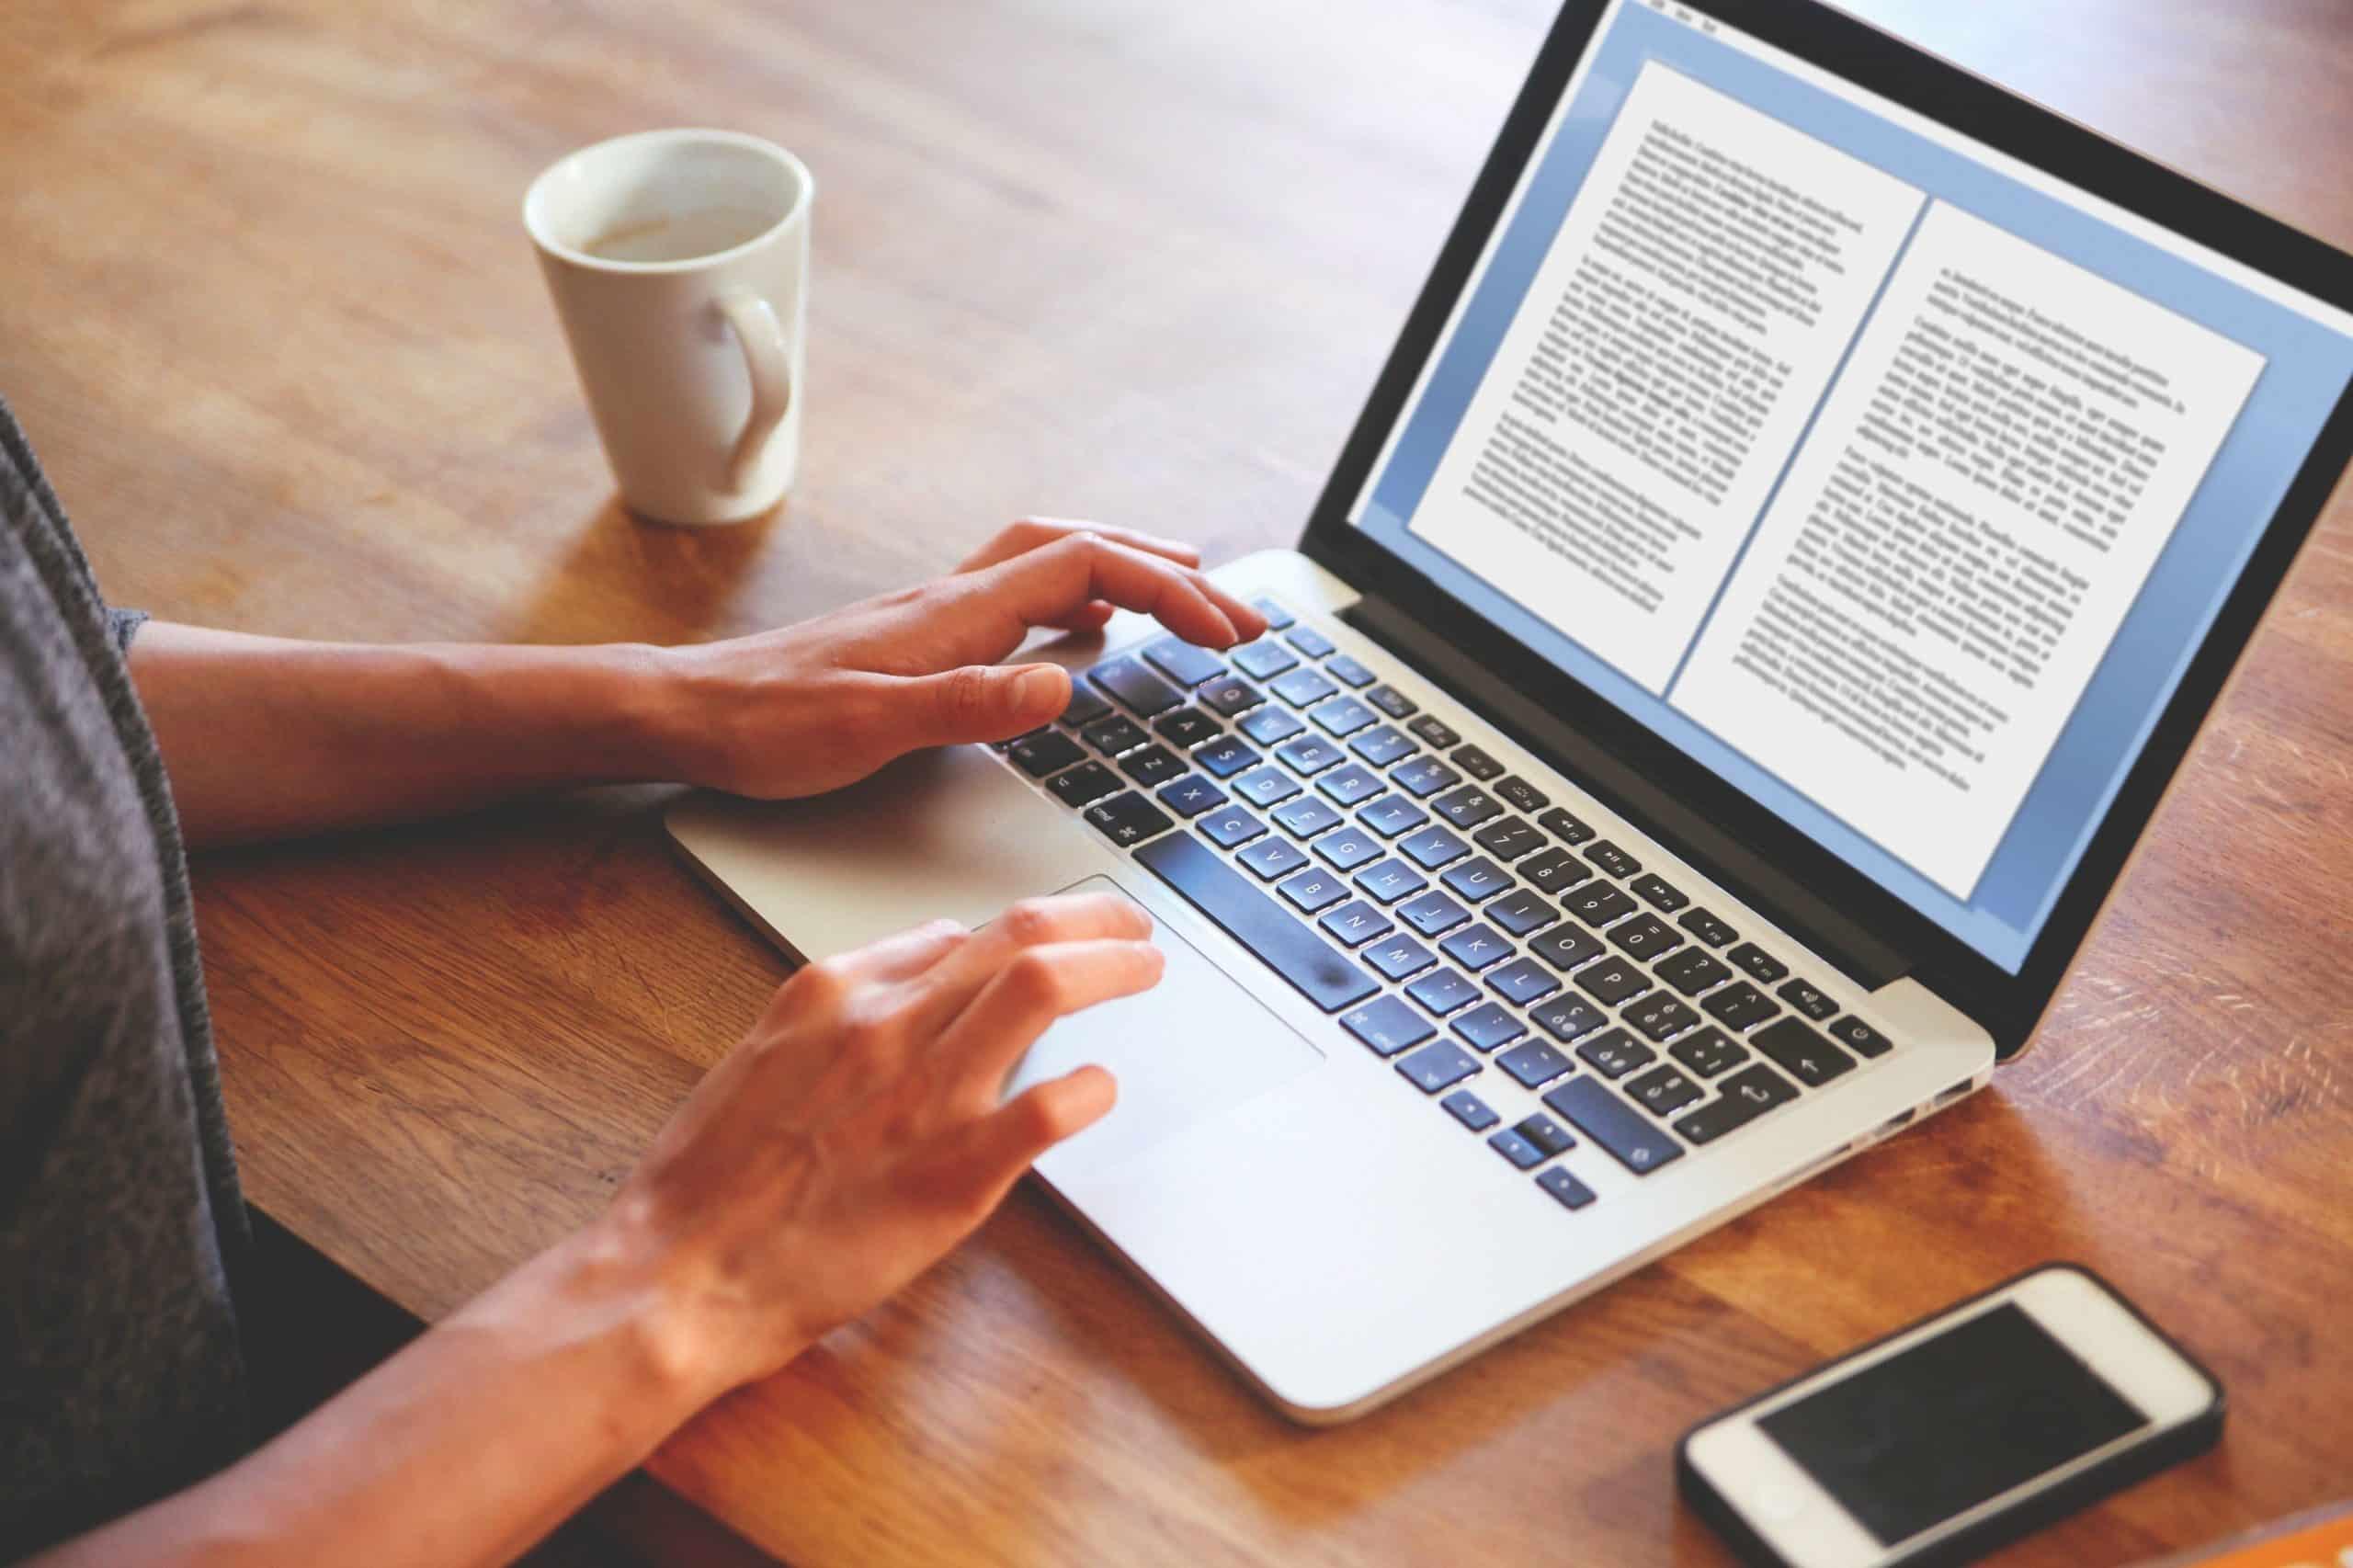 Kaliteli Bir Web Site Oluşturmak İçin Neleri Bilmek Gerekir?